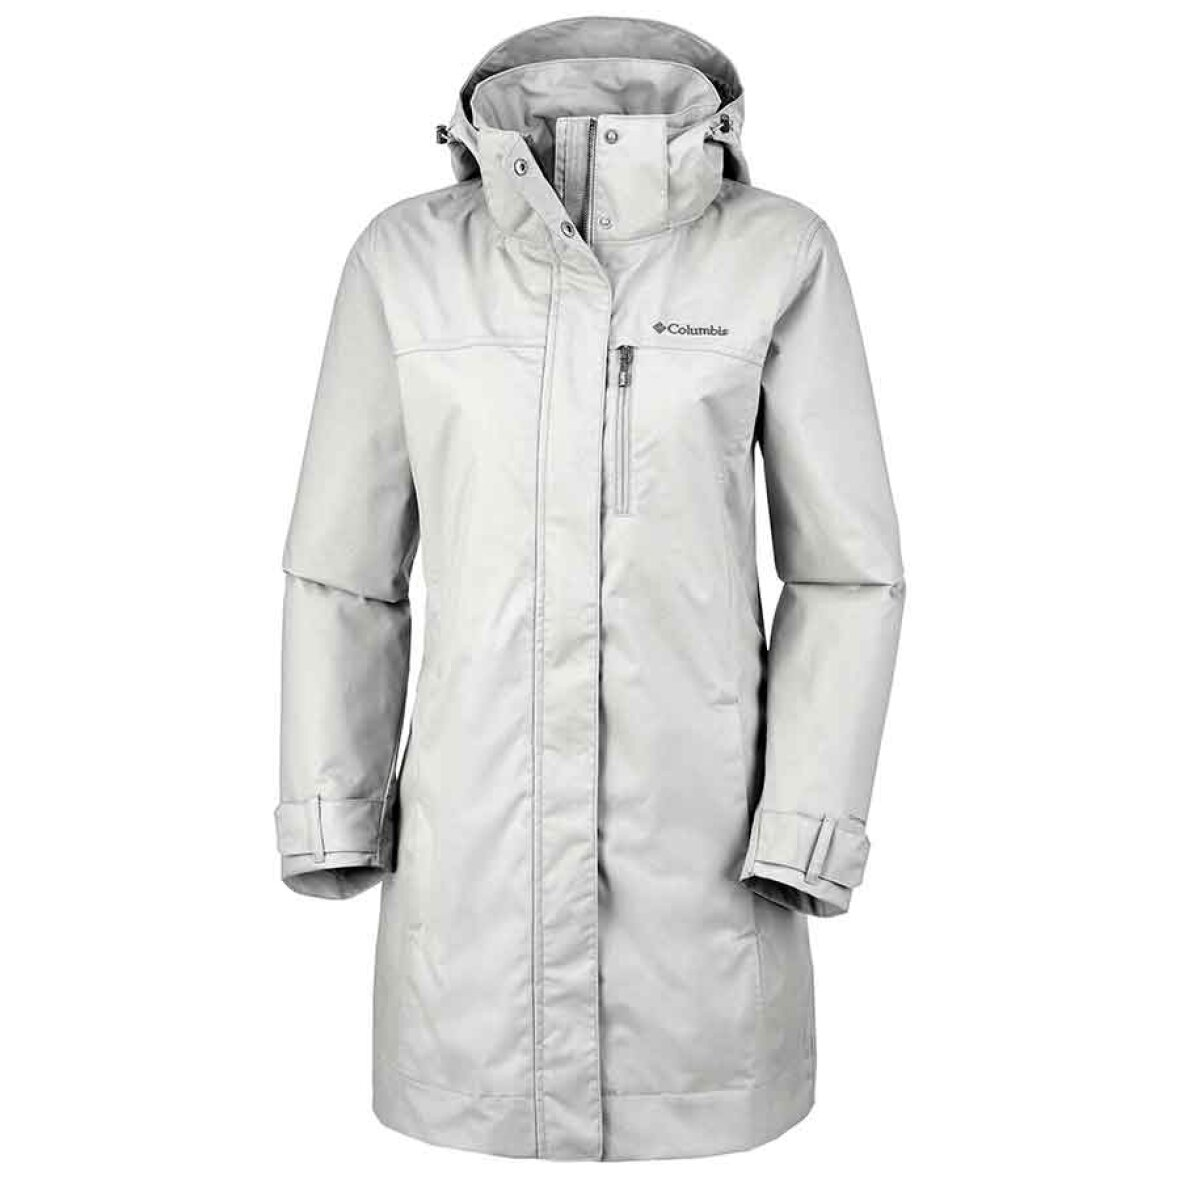 9b71ddca Hideaway Creek Jacket W | Flot og stilet jakke fra Columbia | Køb her!